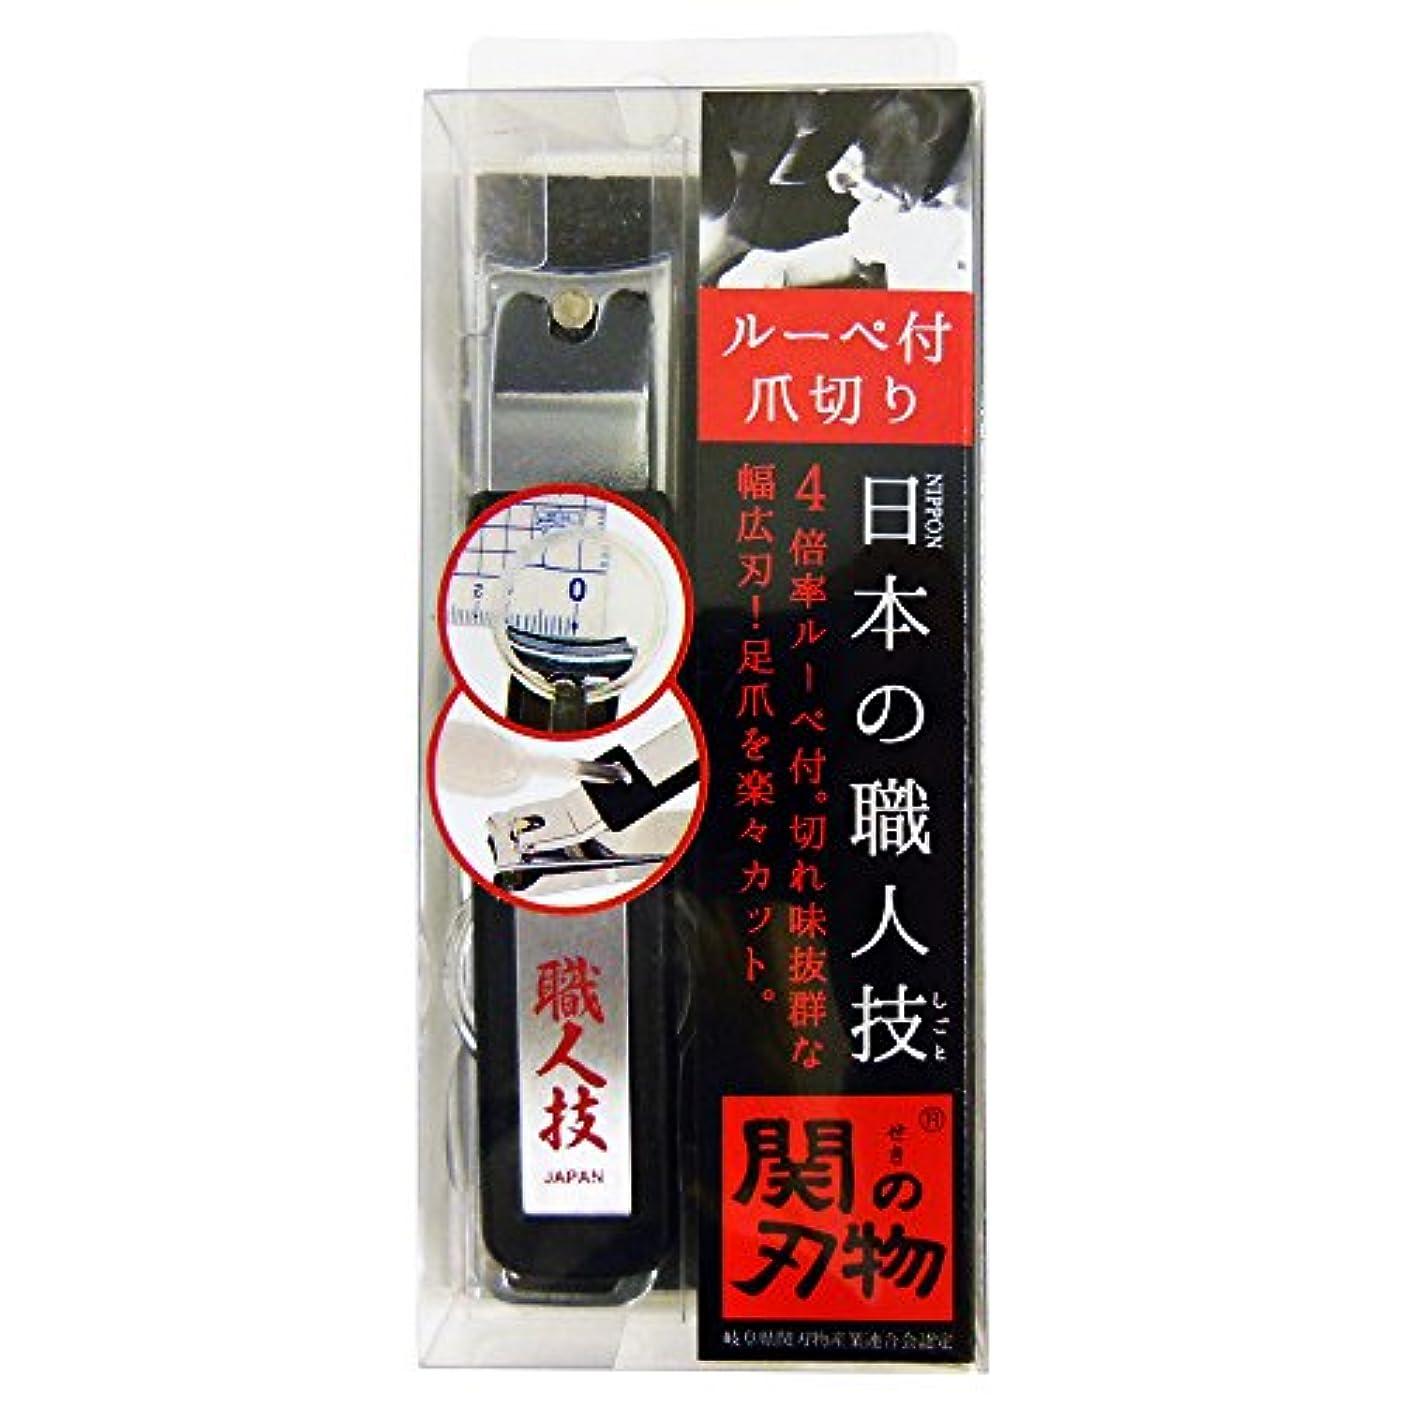 少ないベール蜂関の刃物 ルーペ付爪切り SK-07 (1個入)